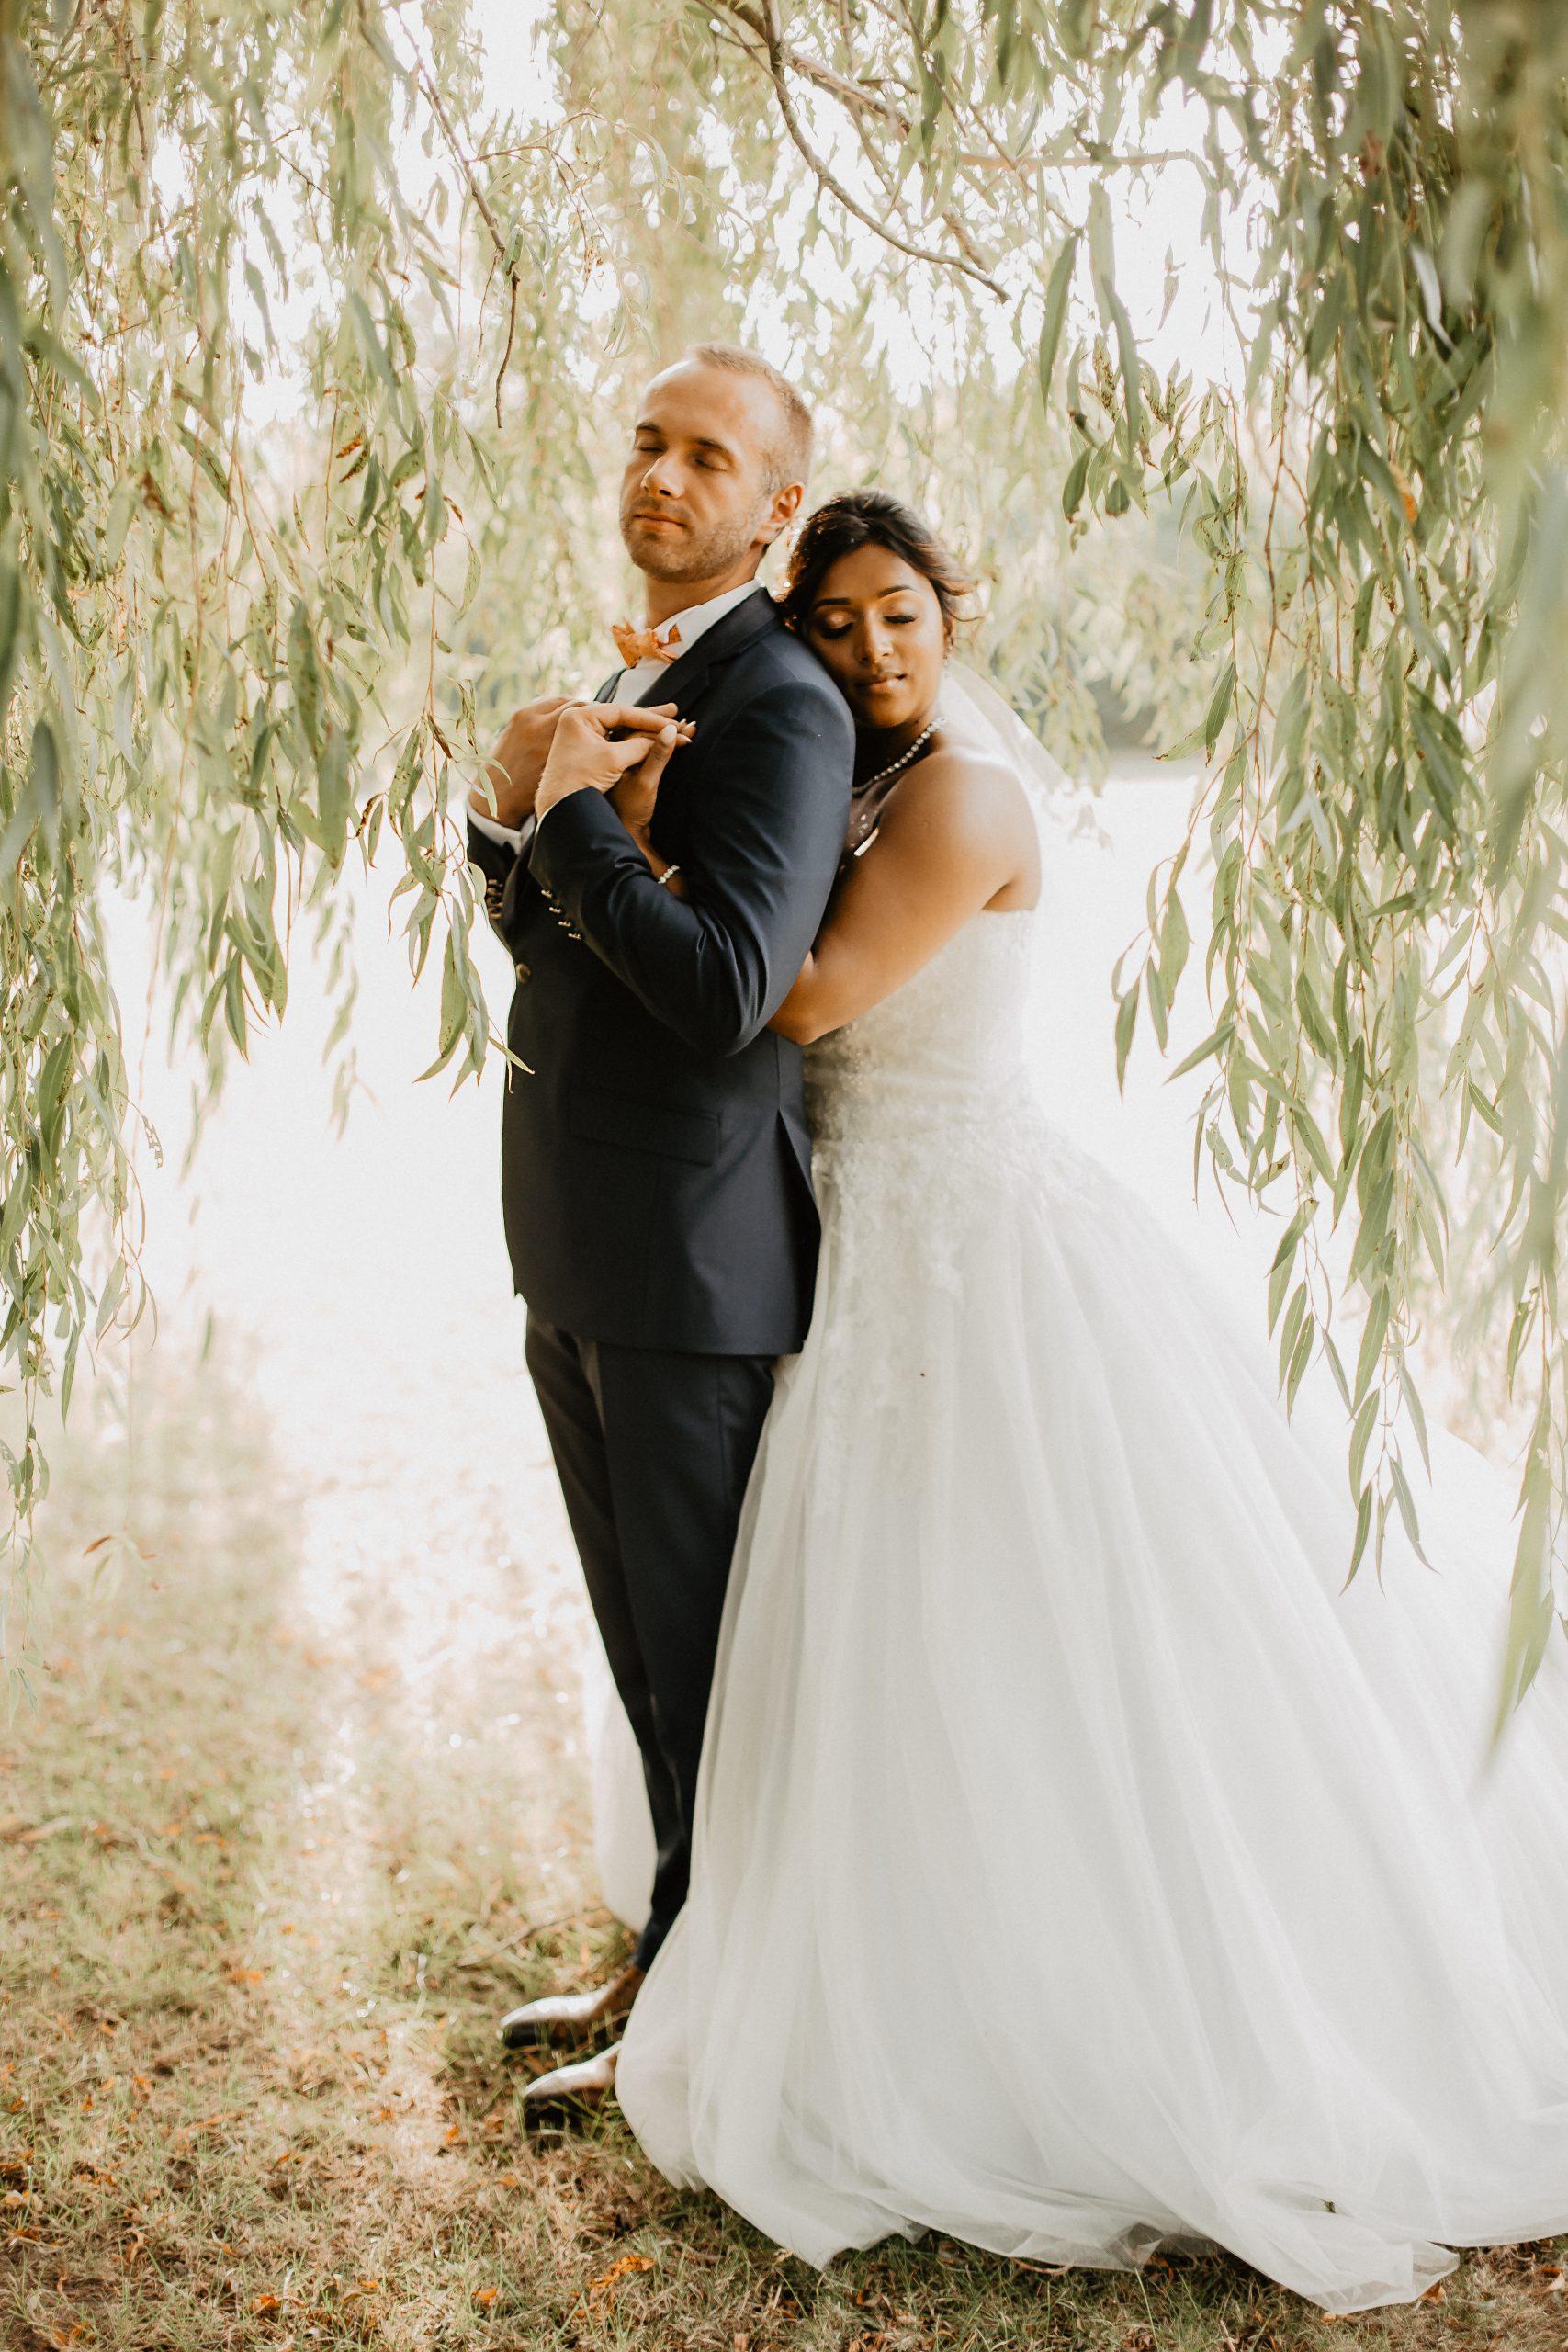 Mariage-Virginie M. Photos-couple-photos-union-amour-Croix-photographe Lille (131)